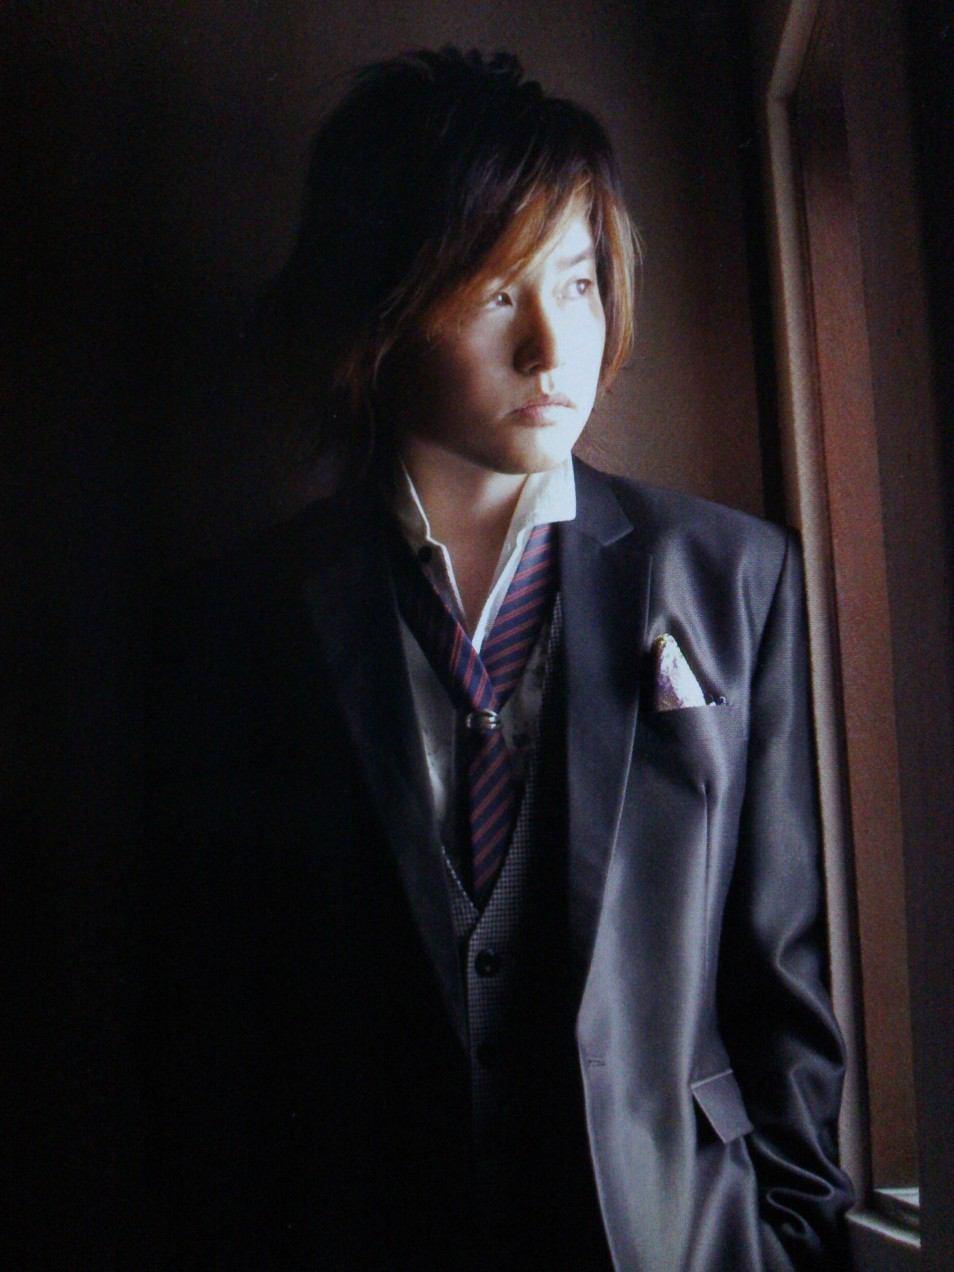 森久保祥太郎の画像 p1_30